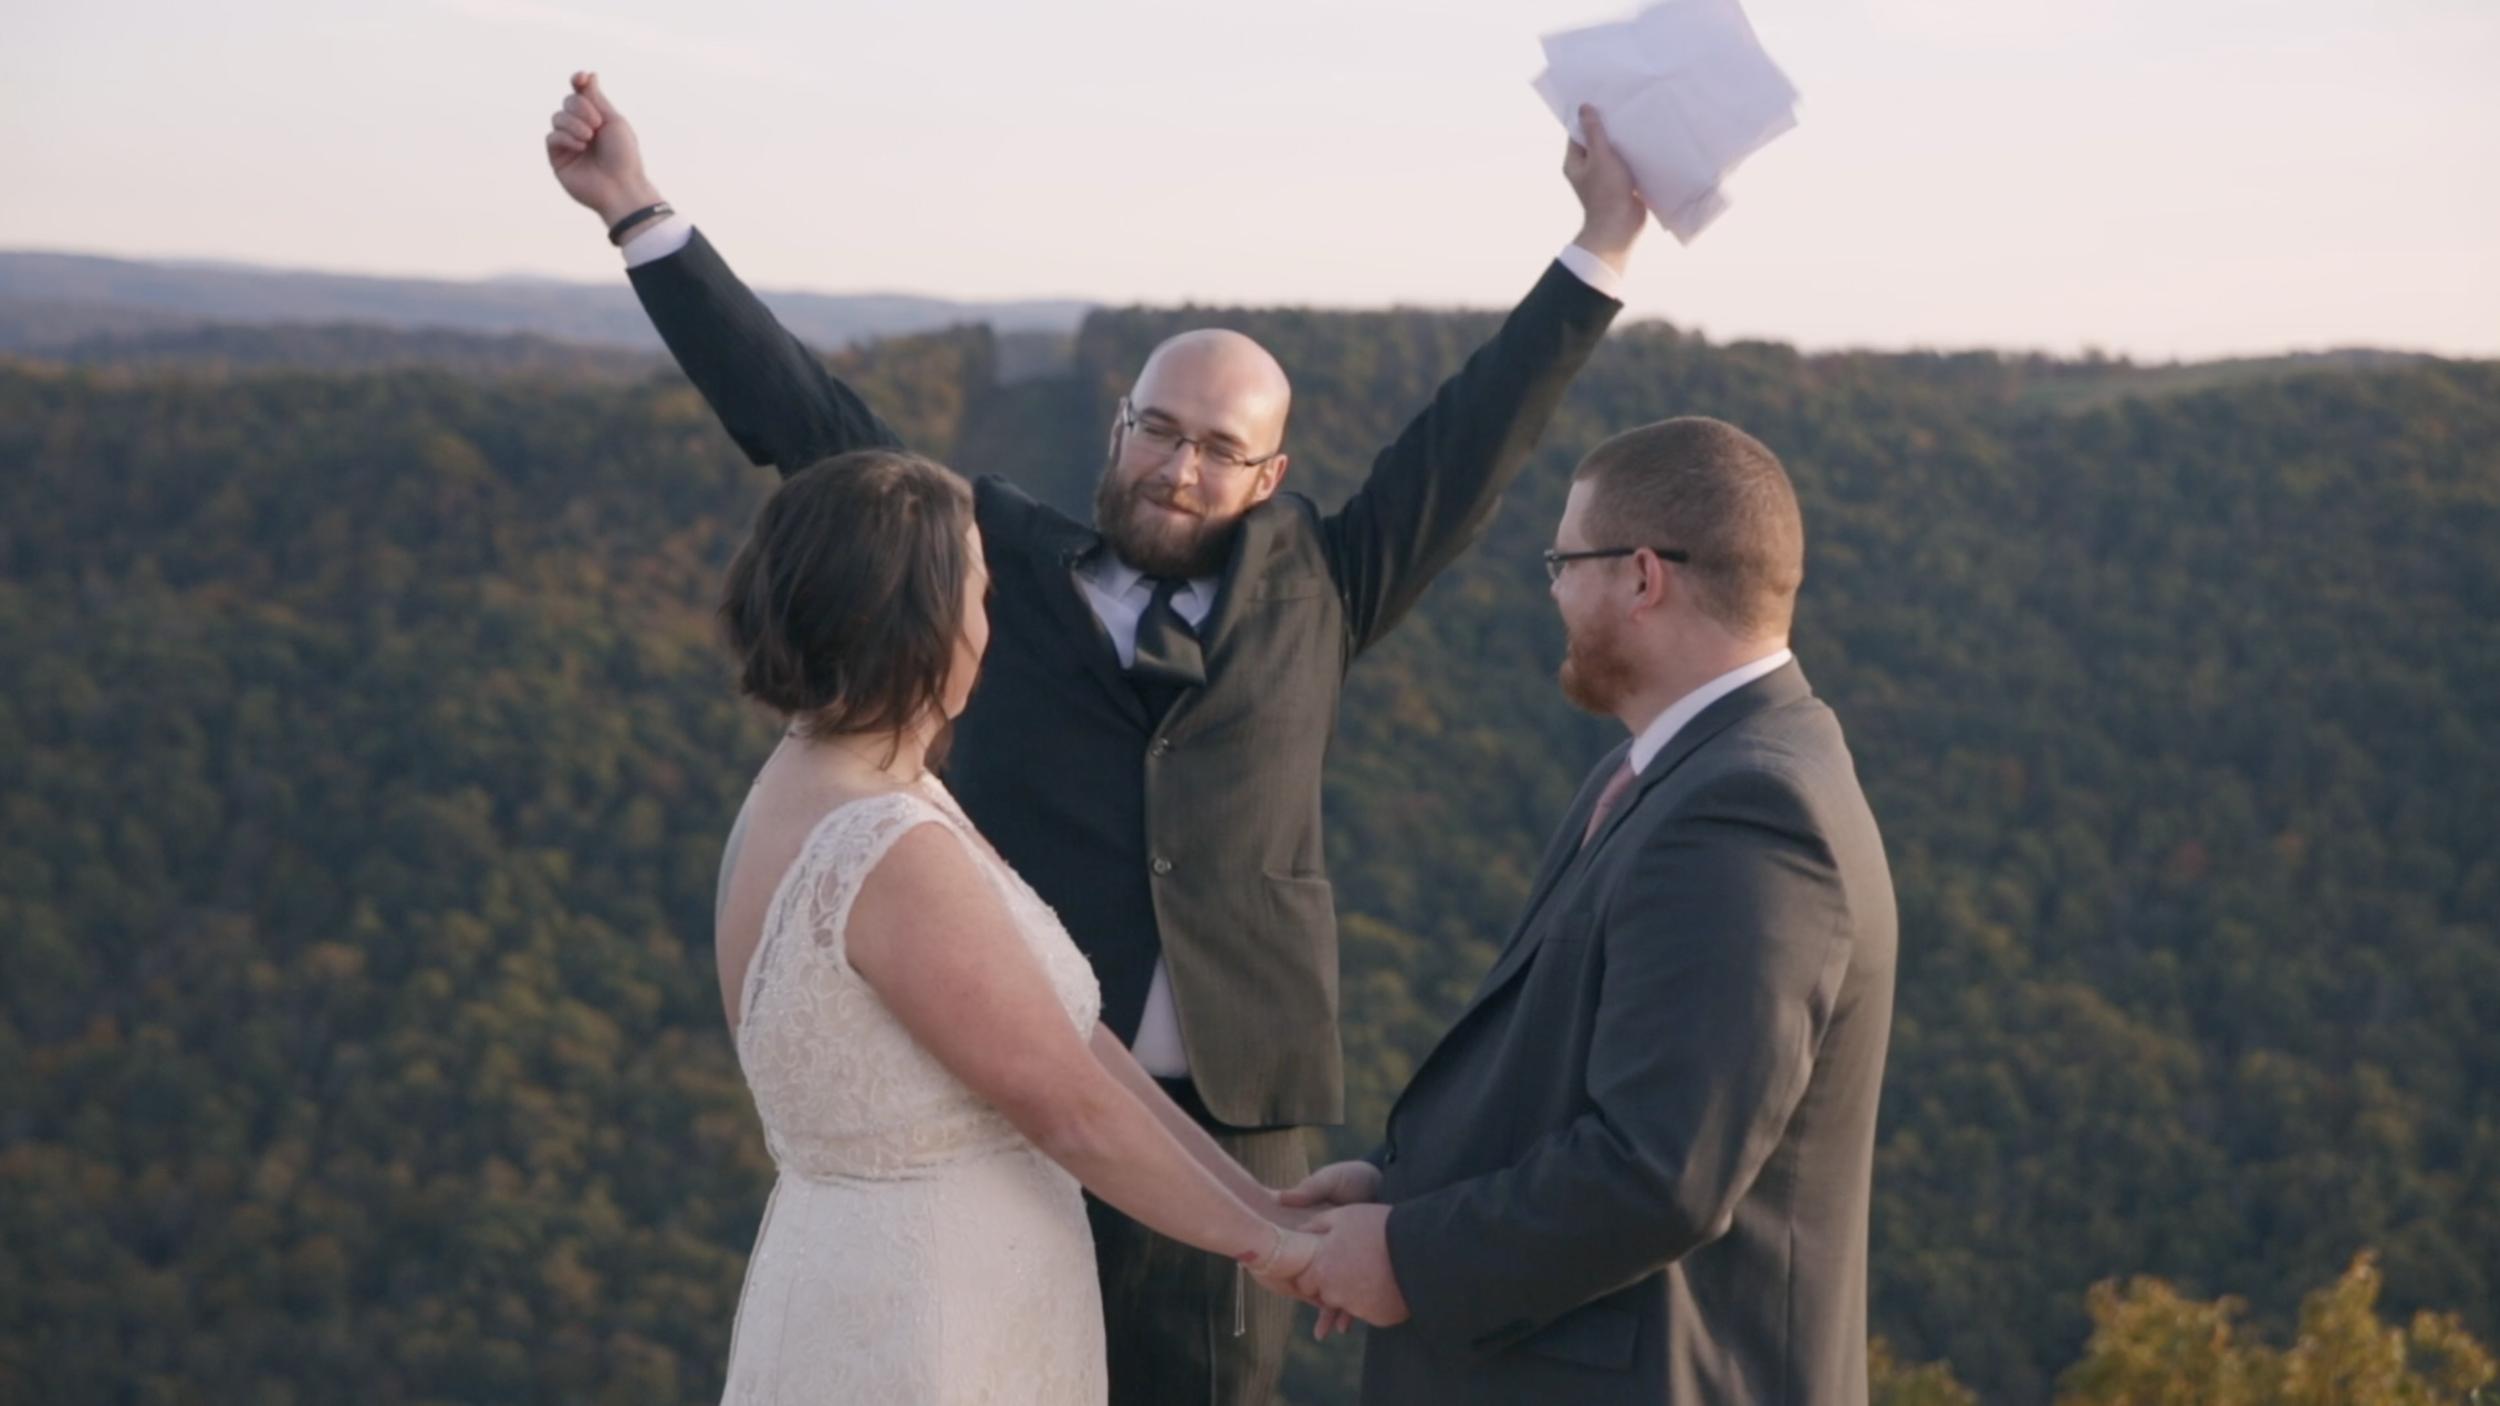 friend elopement officiant west Virginia ravens rock